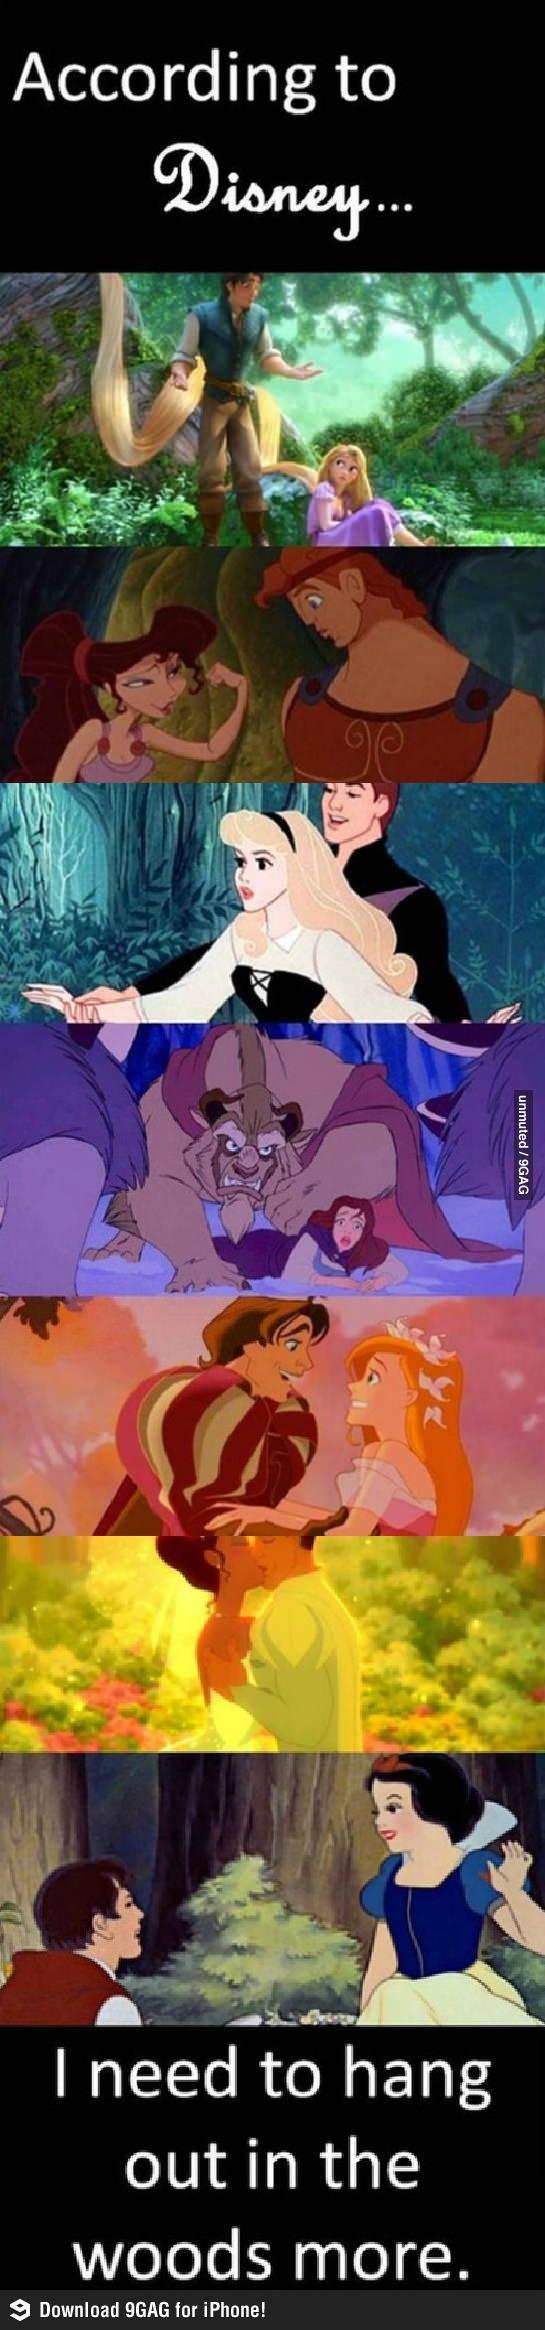 Disney y u didn't just say it straight?